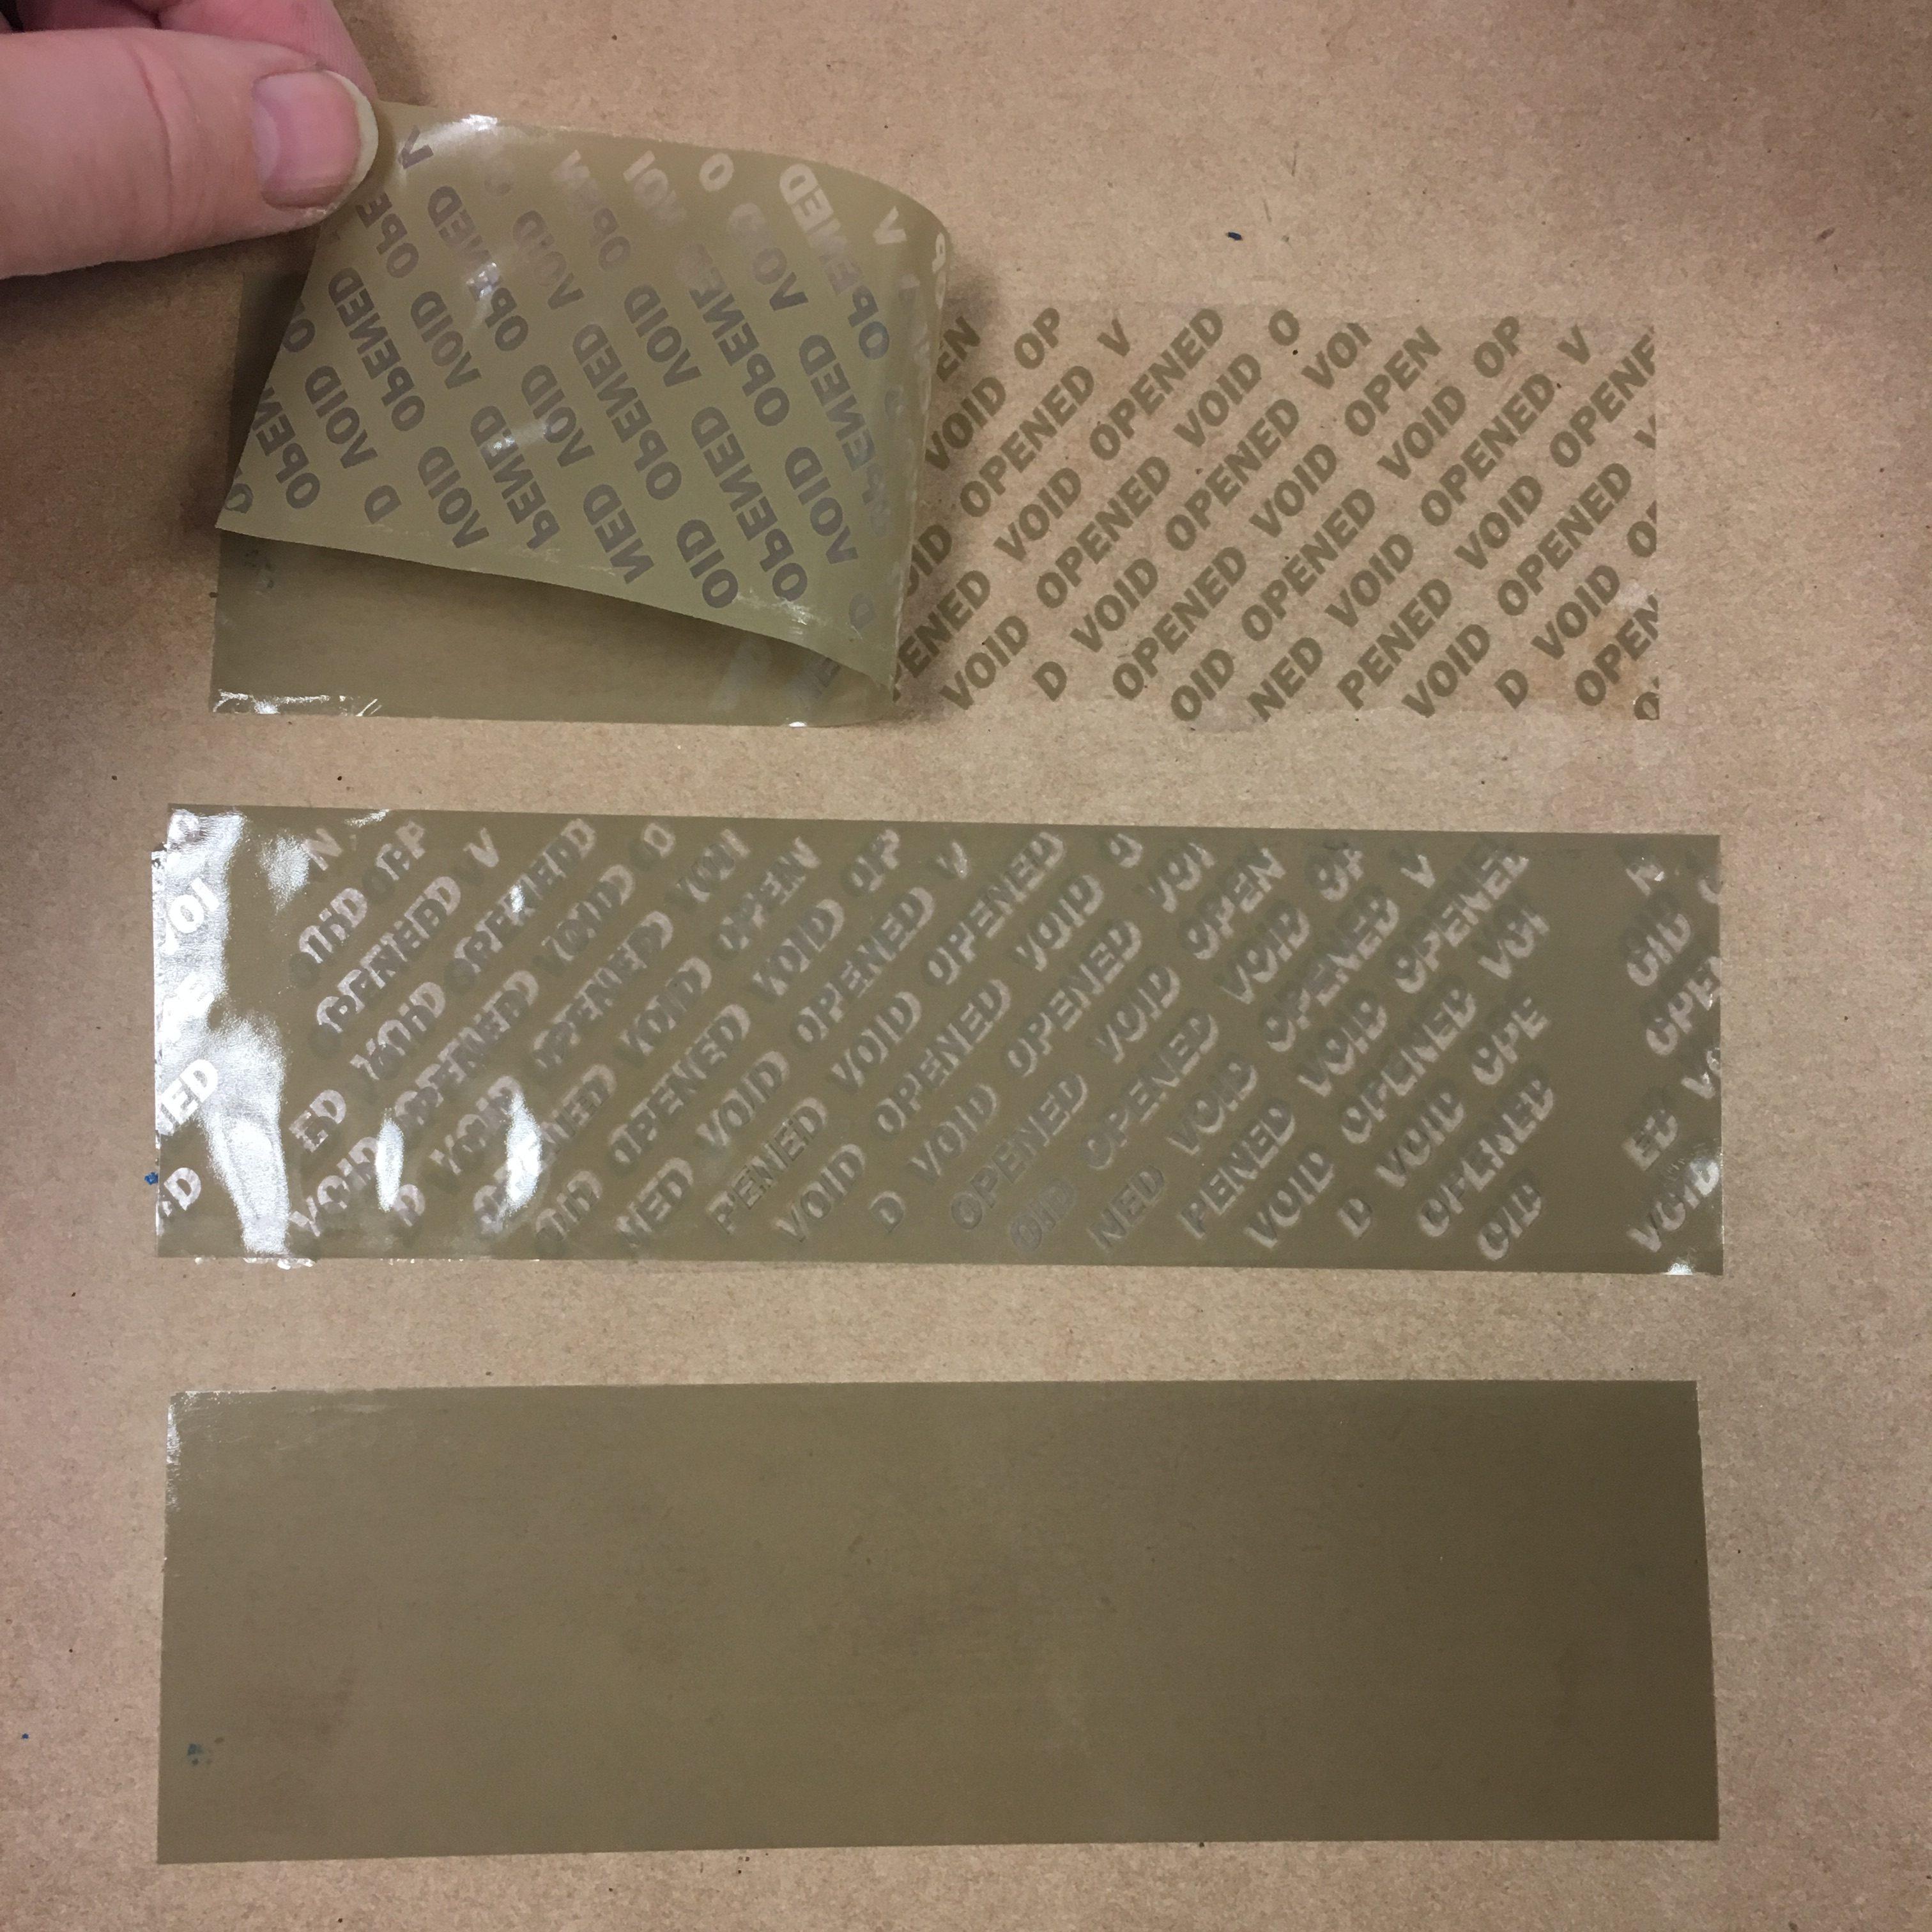 Brown, coverttamper evident tape DR121v4